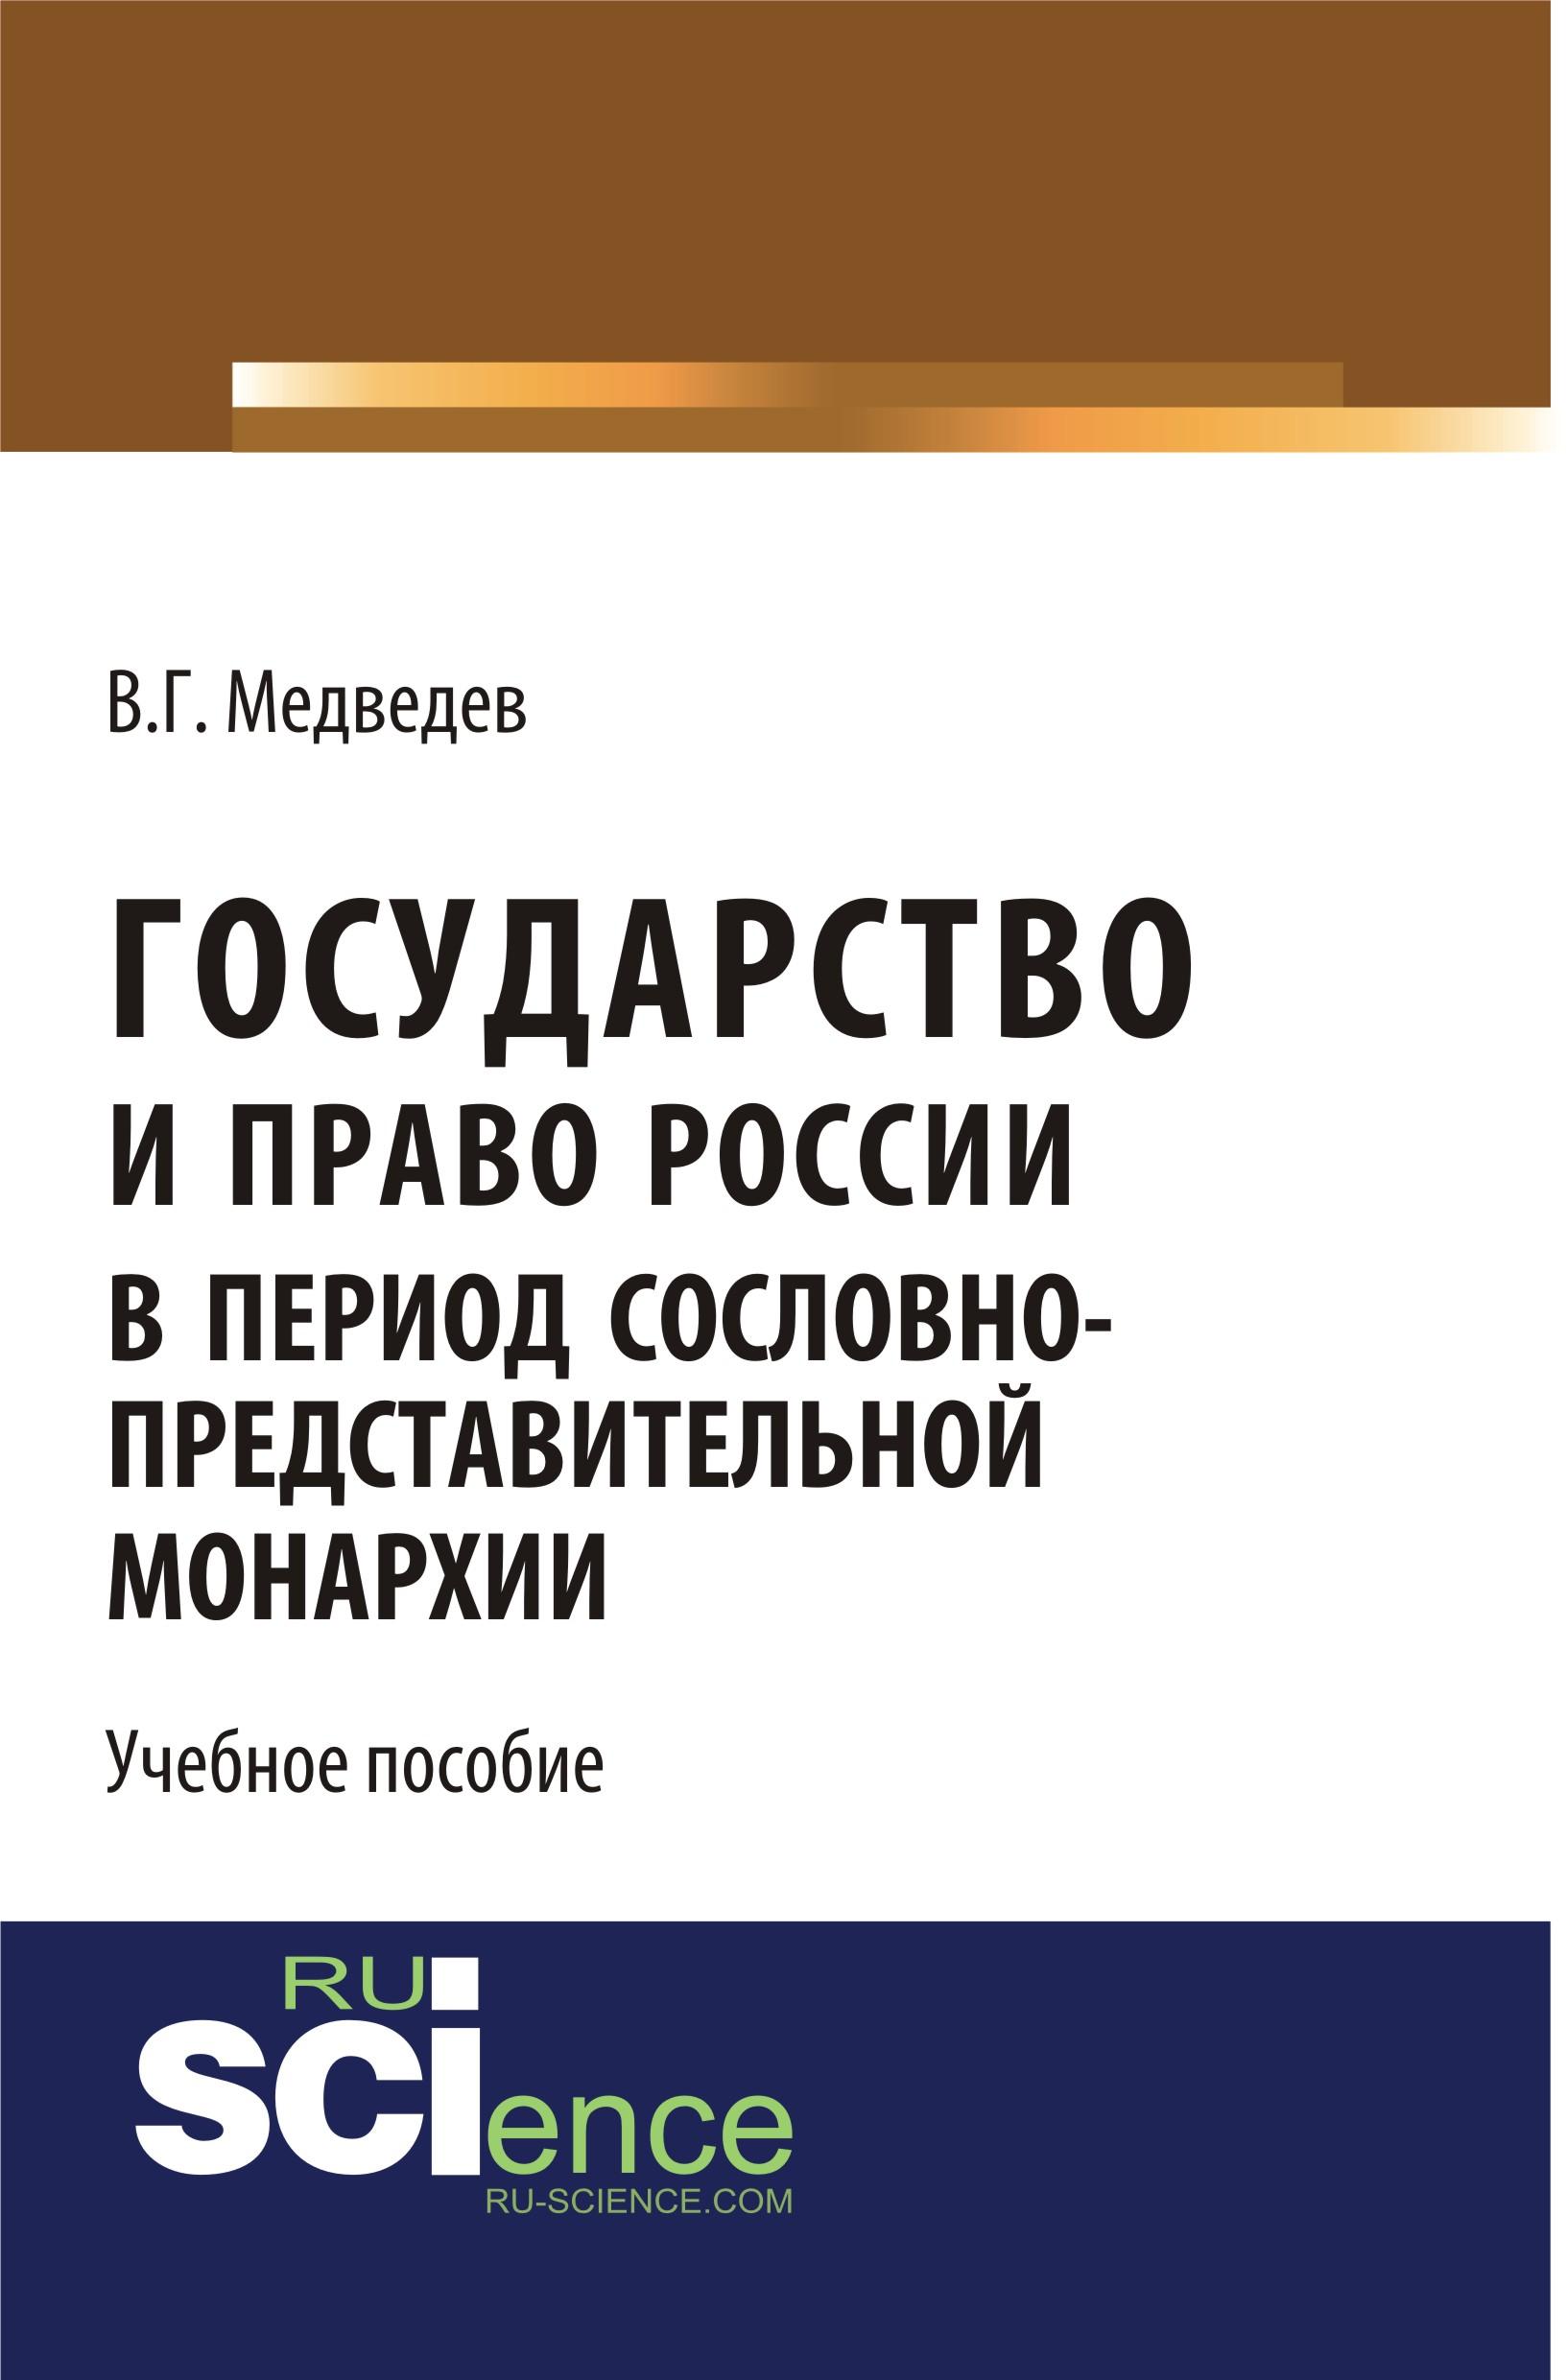 Государство и право России в период сословно-представительной монархии